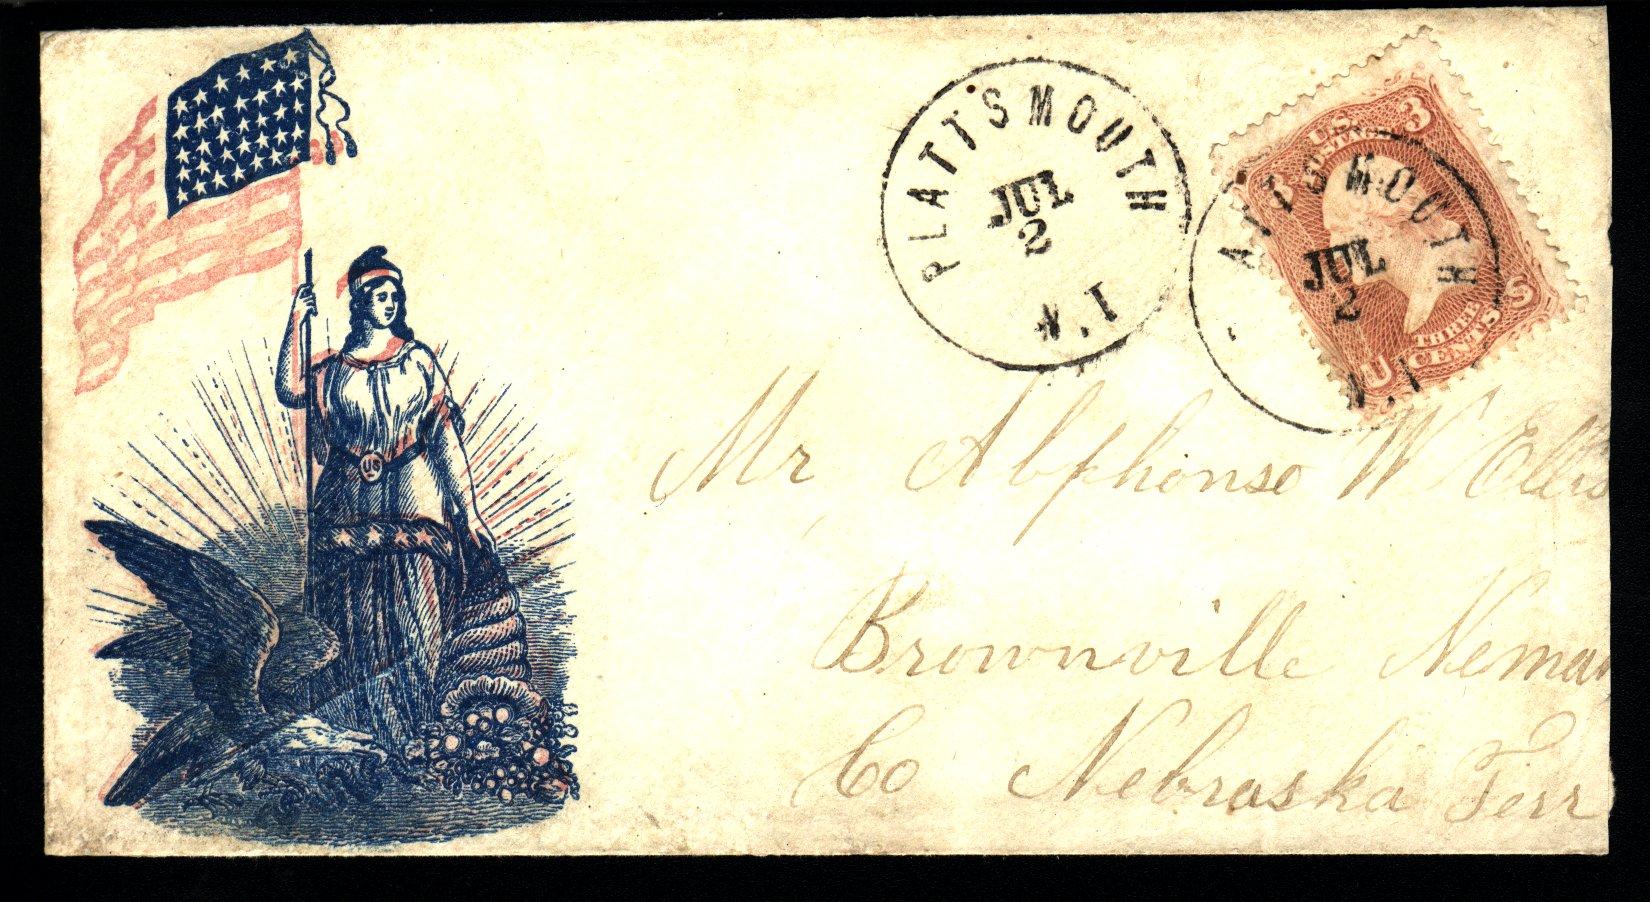 Plattsmouth 1865 07 02